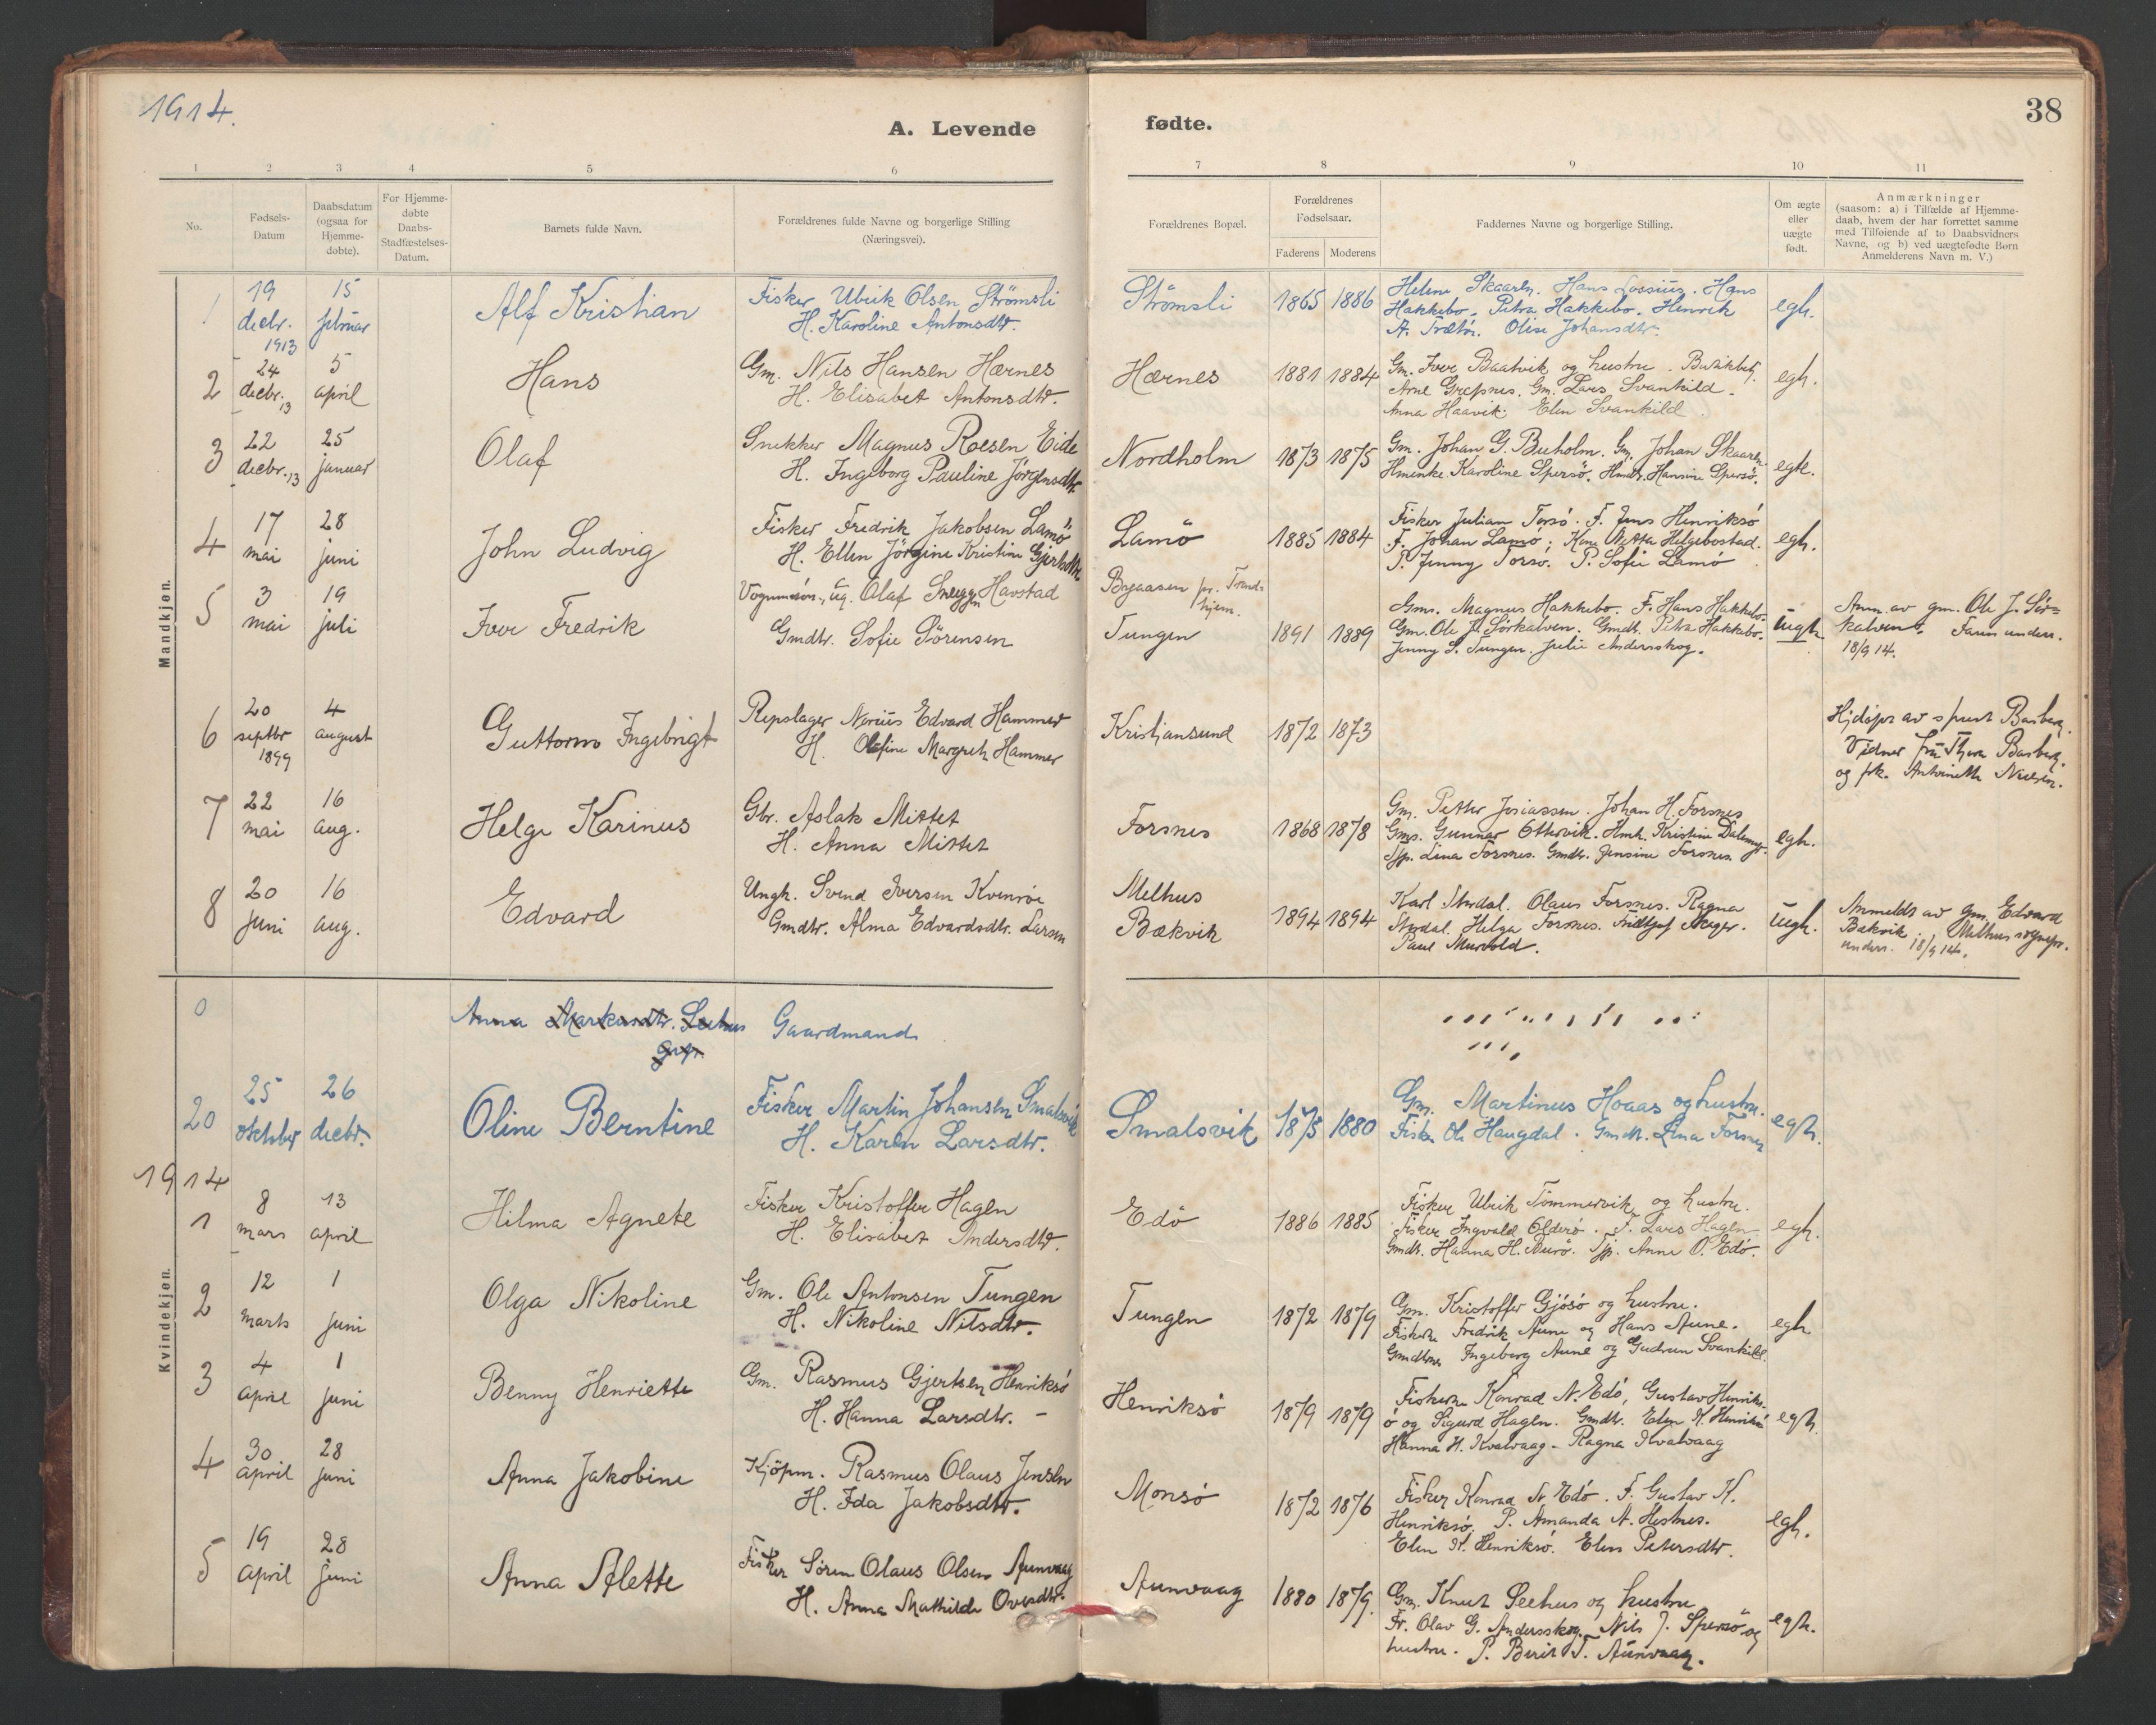 SAT, Ministerialprotokoller, klokkerbøker og fødselsregistre - Sør-Trøndelag, 635/L0552: Ministerialbok nr. 635A02, 1899-1919, s. 38